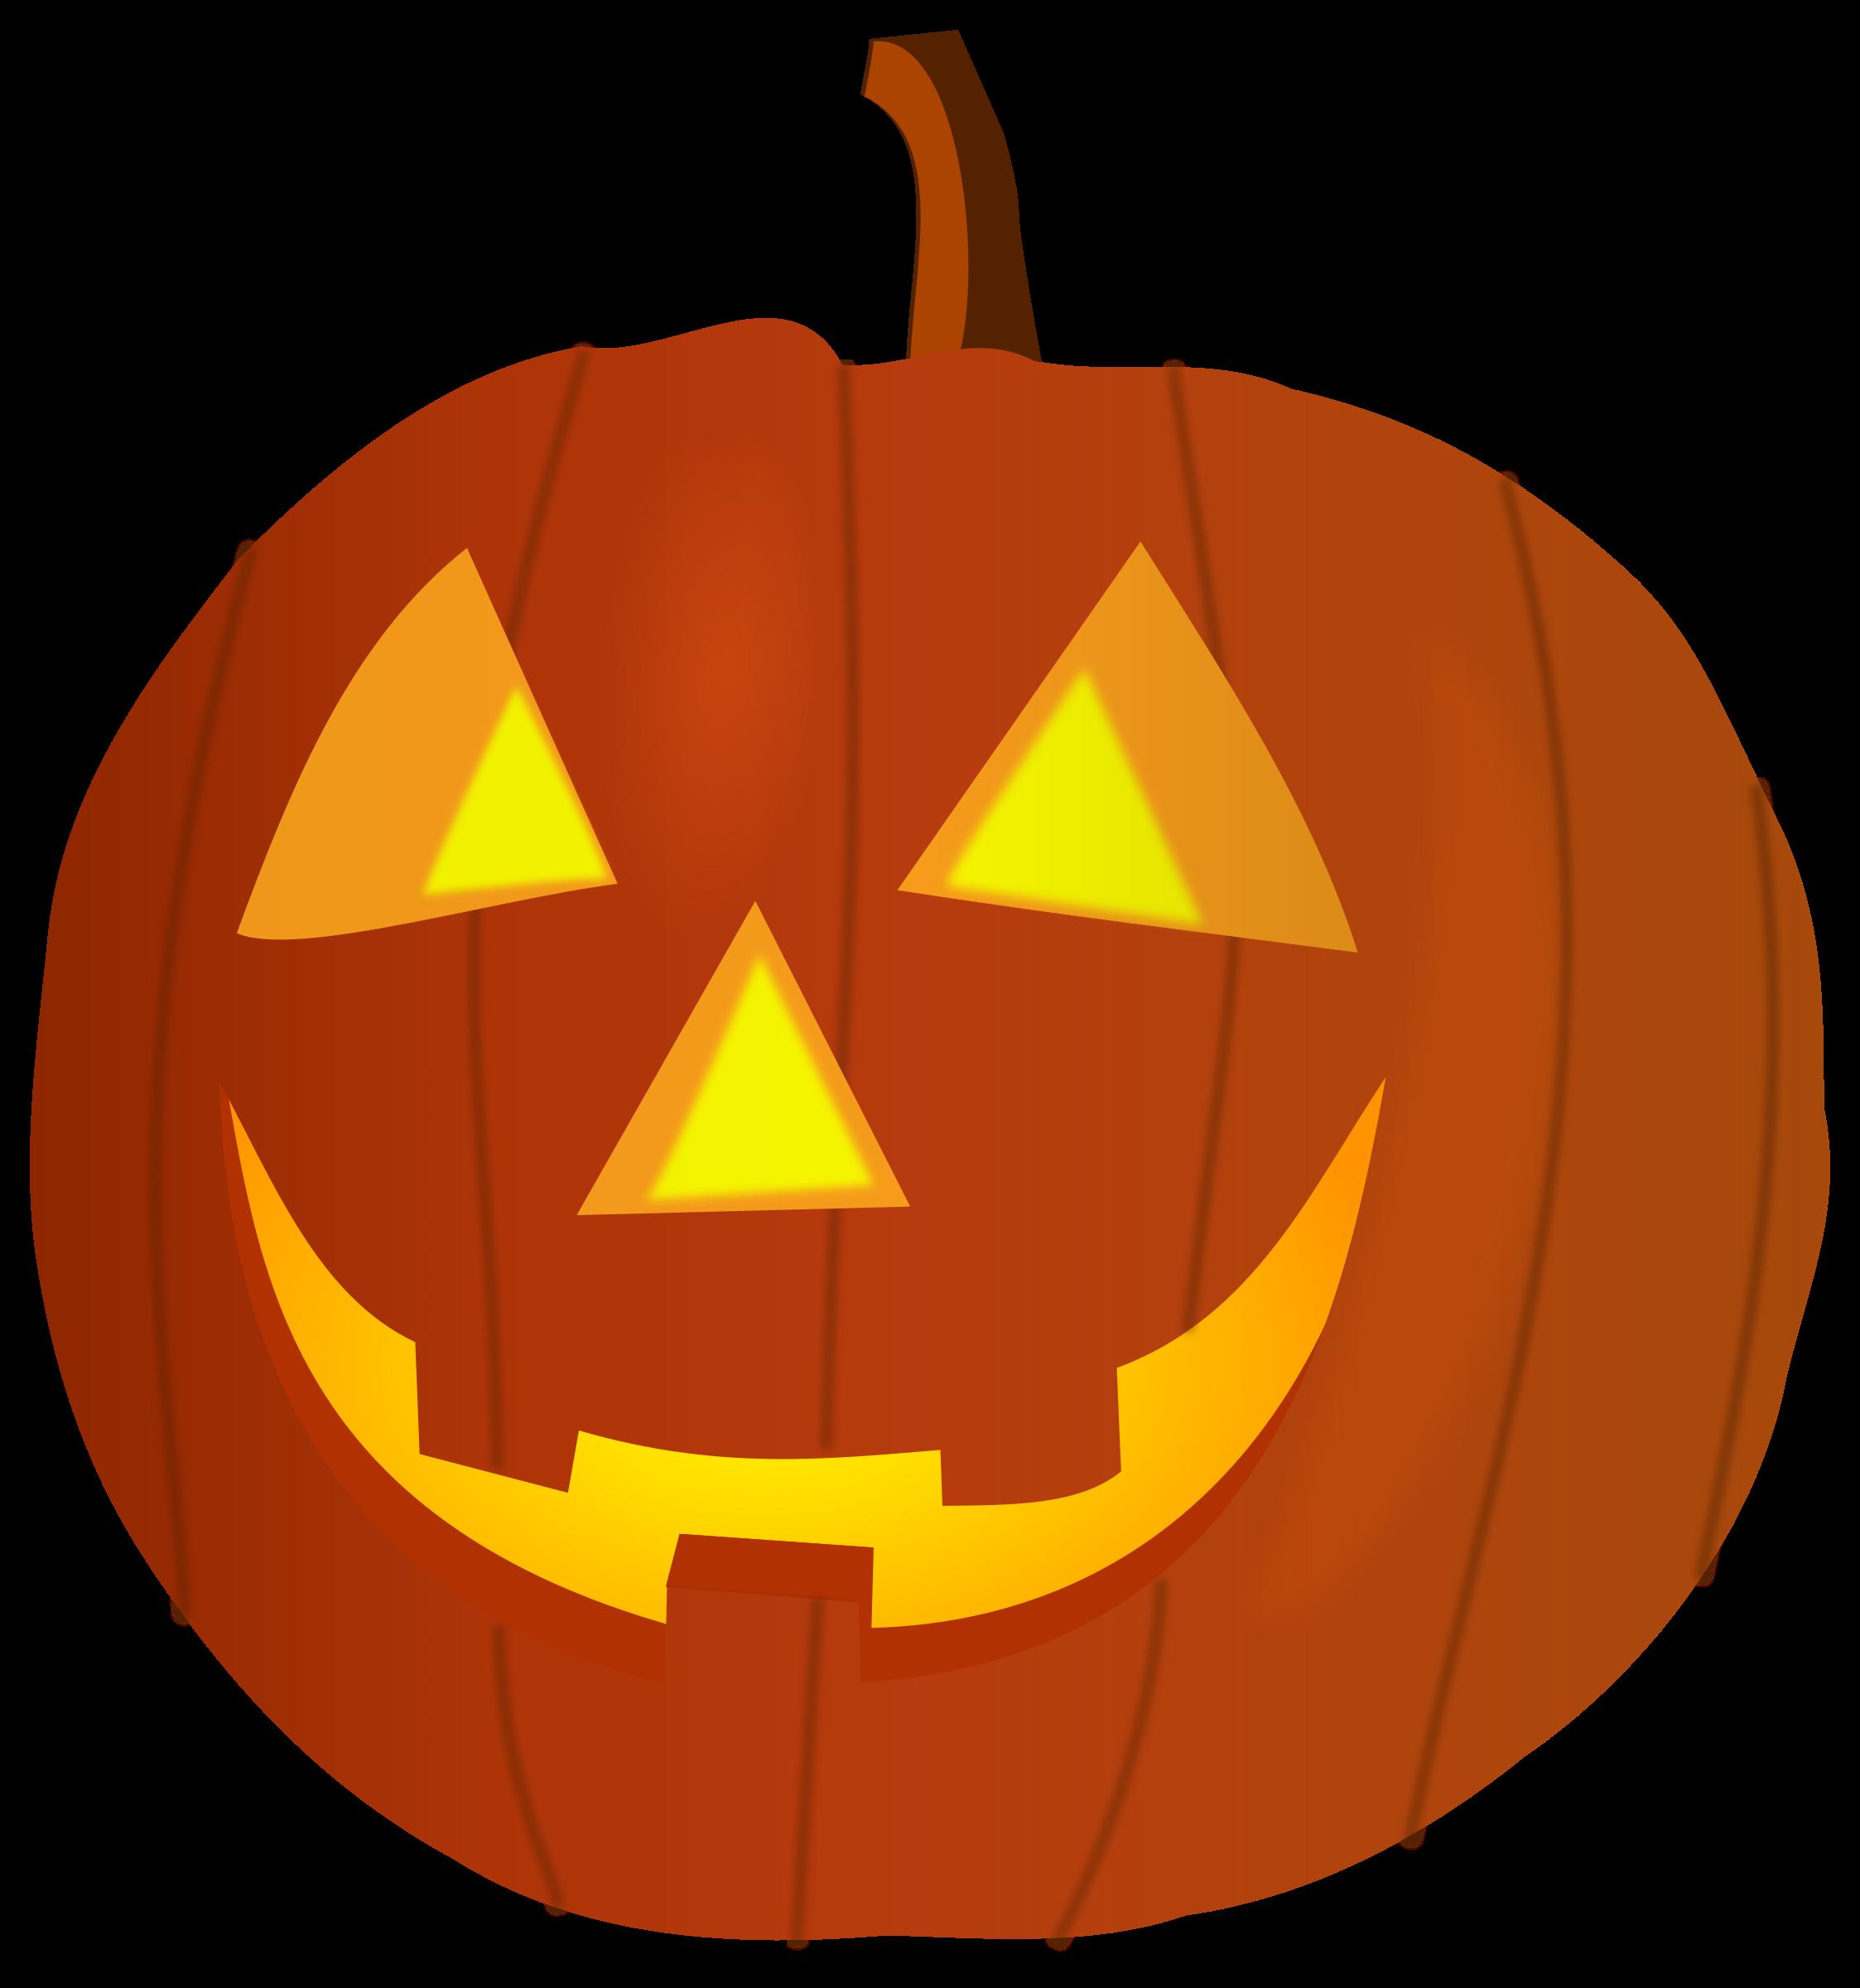 Witch clipart pumpkin. Citrouille big image png